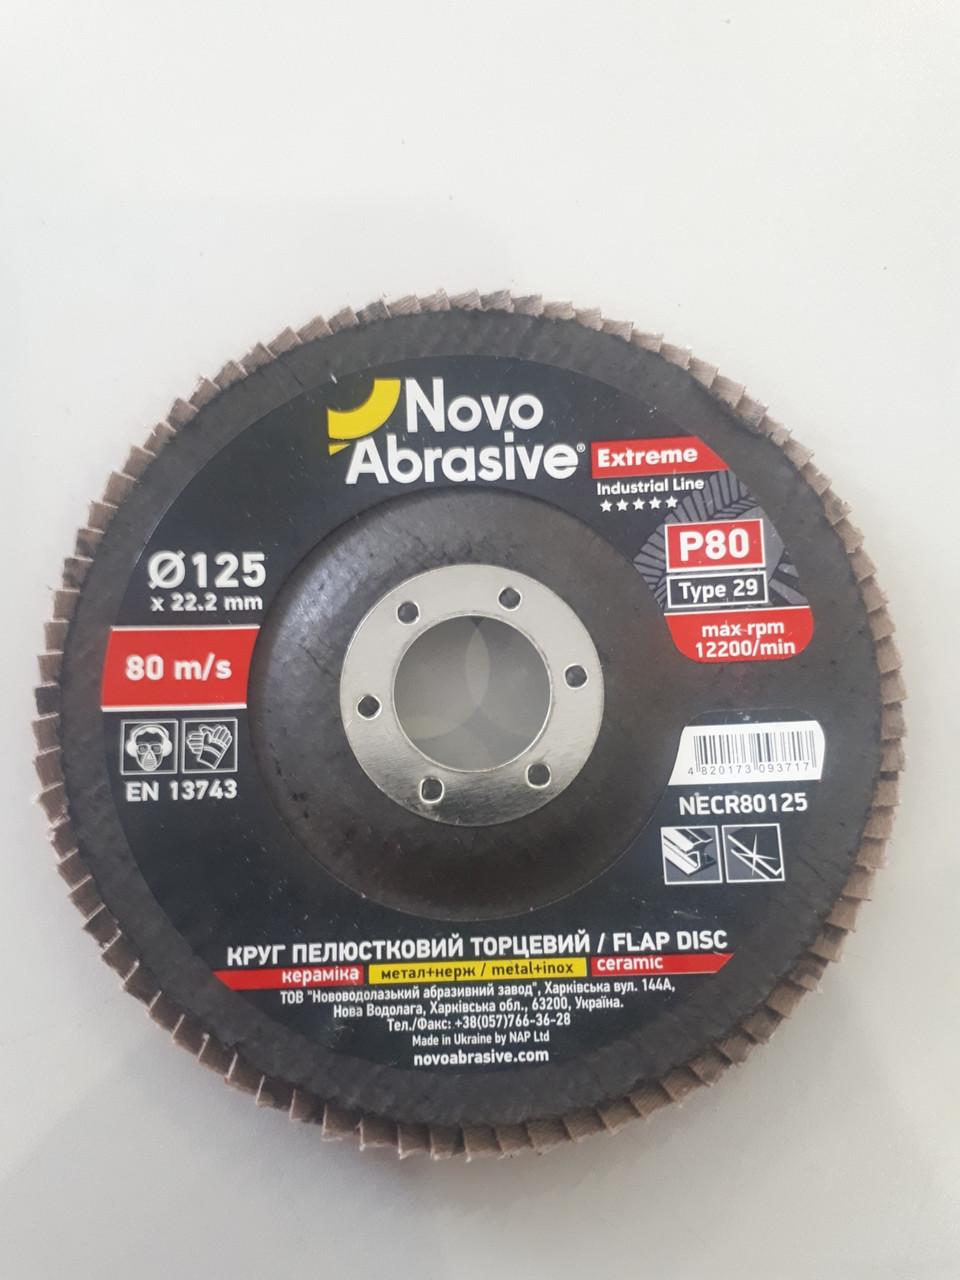 Круг пелюстковий торцевій Novo Abrasive ф125 Р40/60/80 кераміка